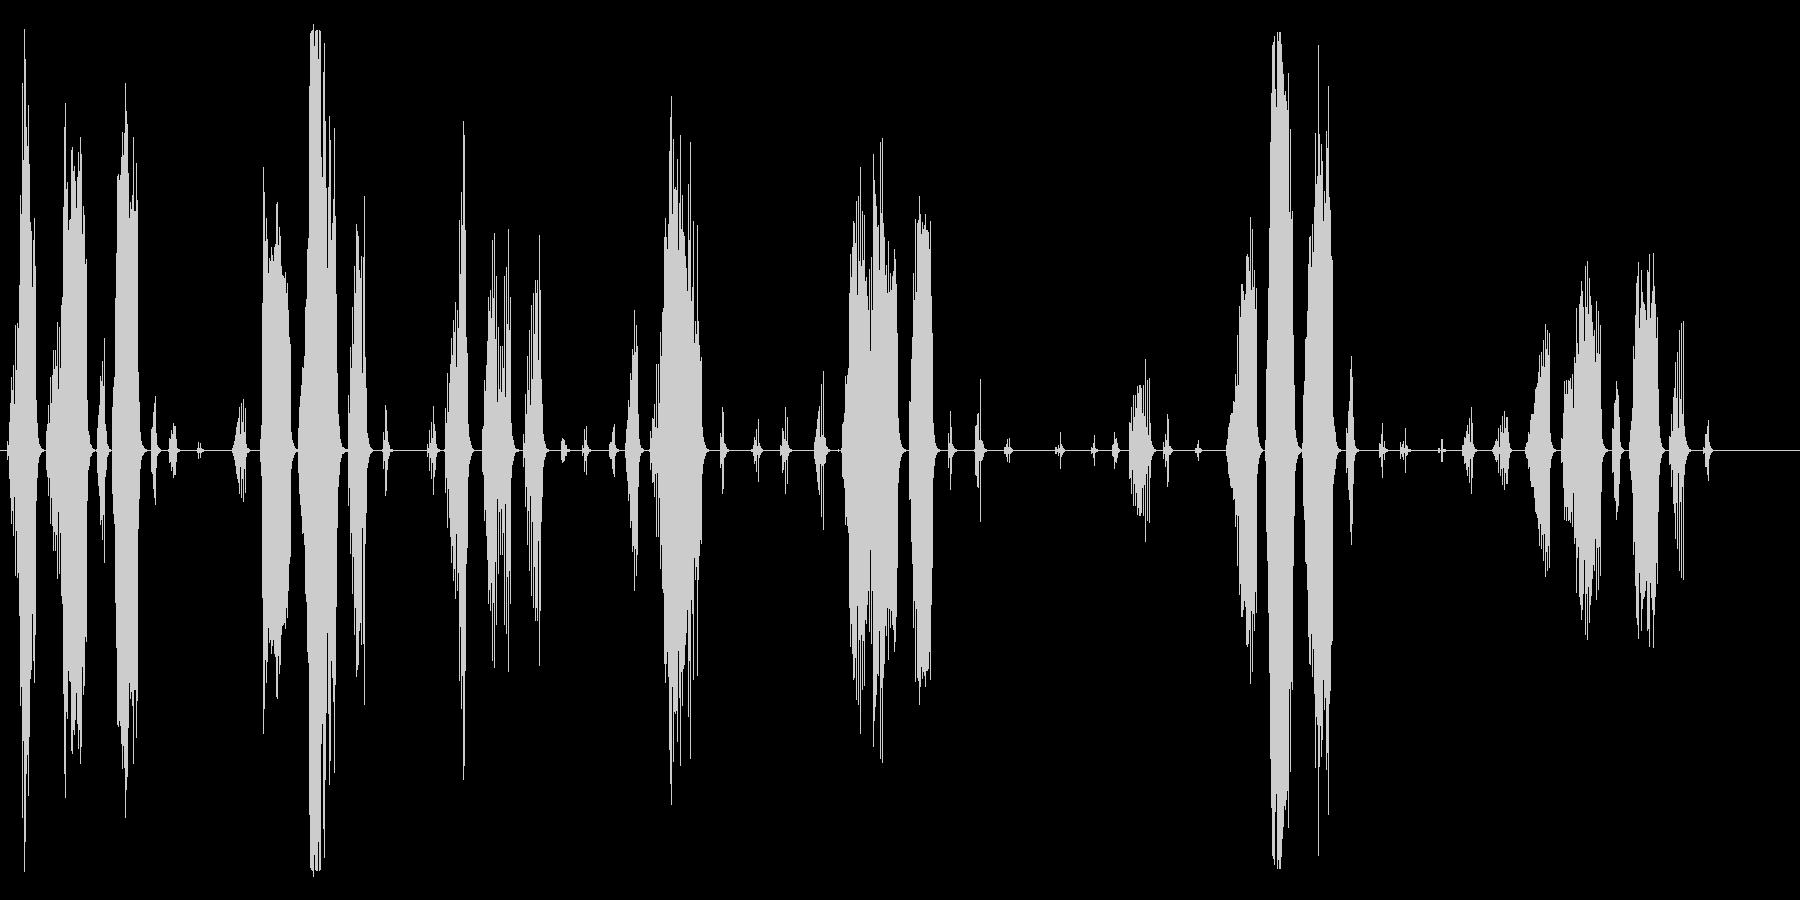 猿、オマキザルびびり、悲鳴。びびり...の未再生の波形